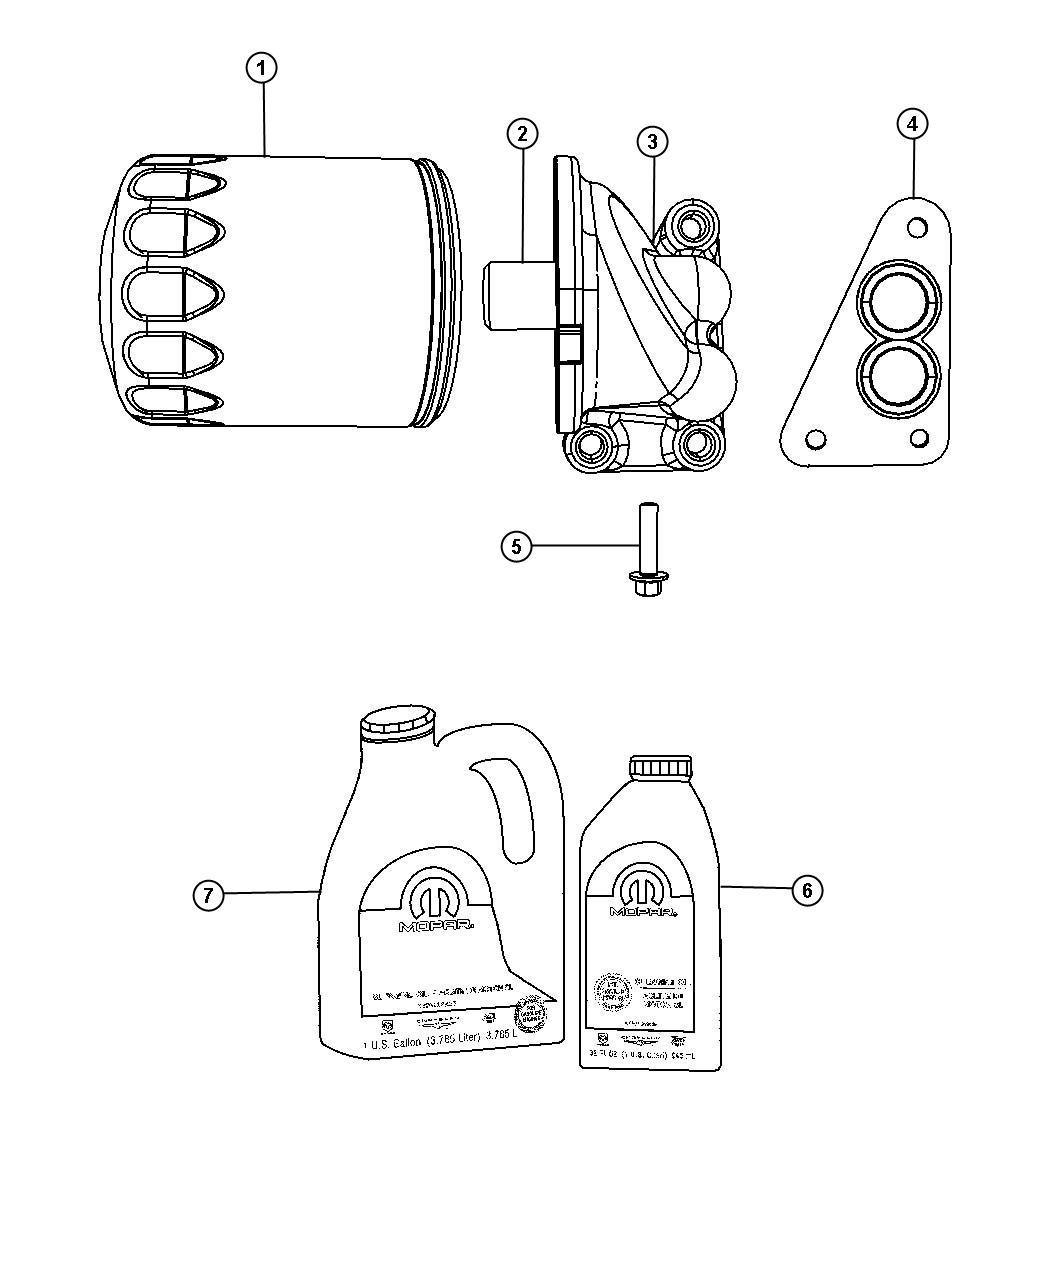 Chrysler Pt Cruiser Engine Oil 5w30 Gallon 128 Fluid